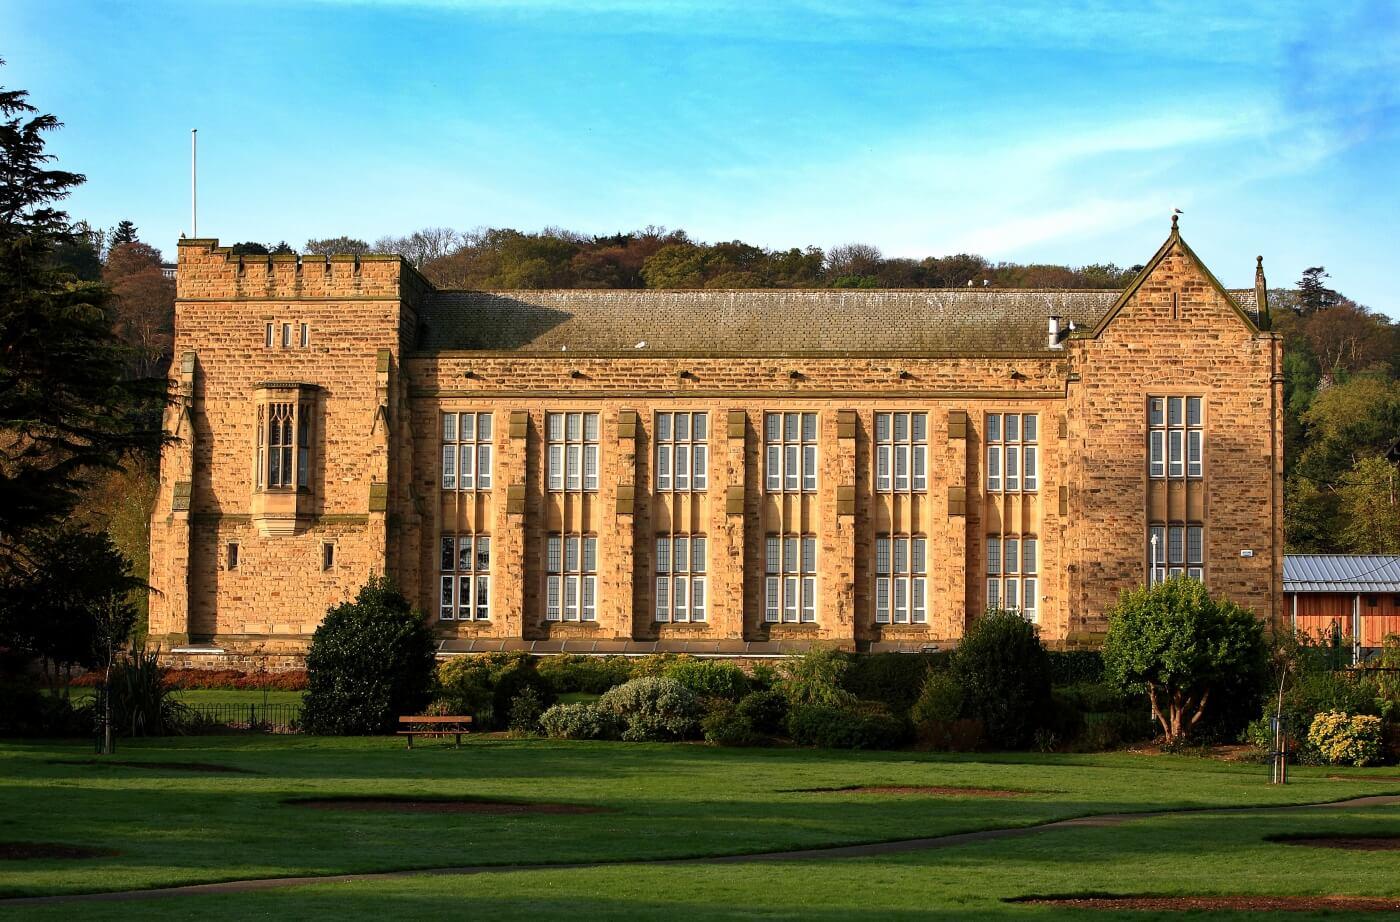 North Wales RU Academy